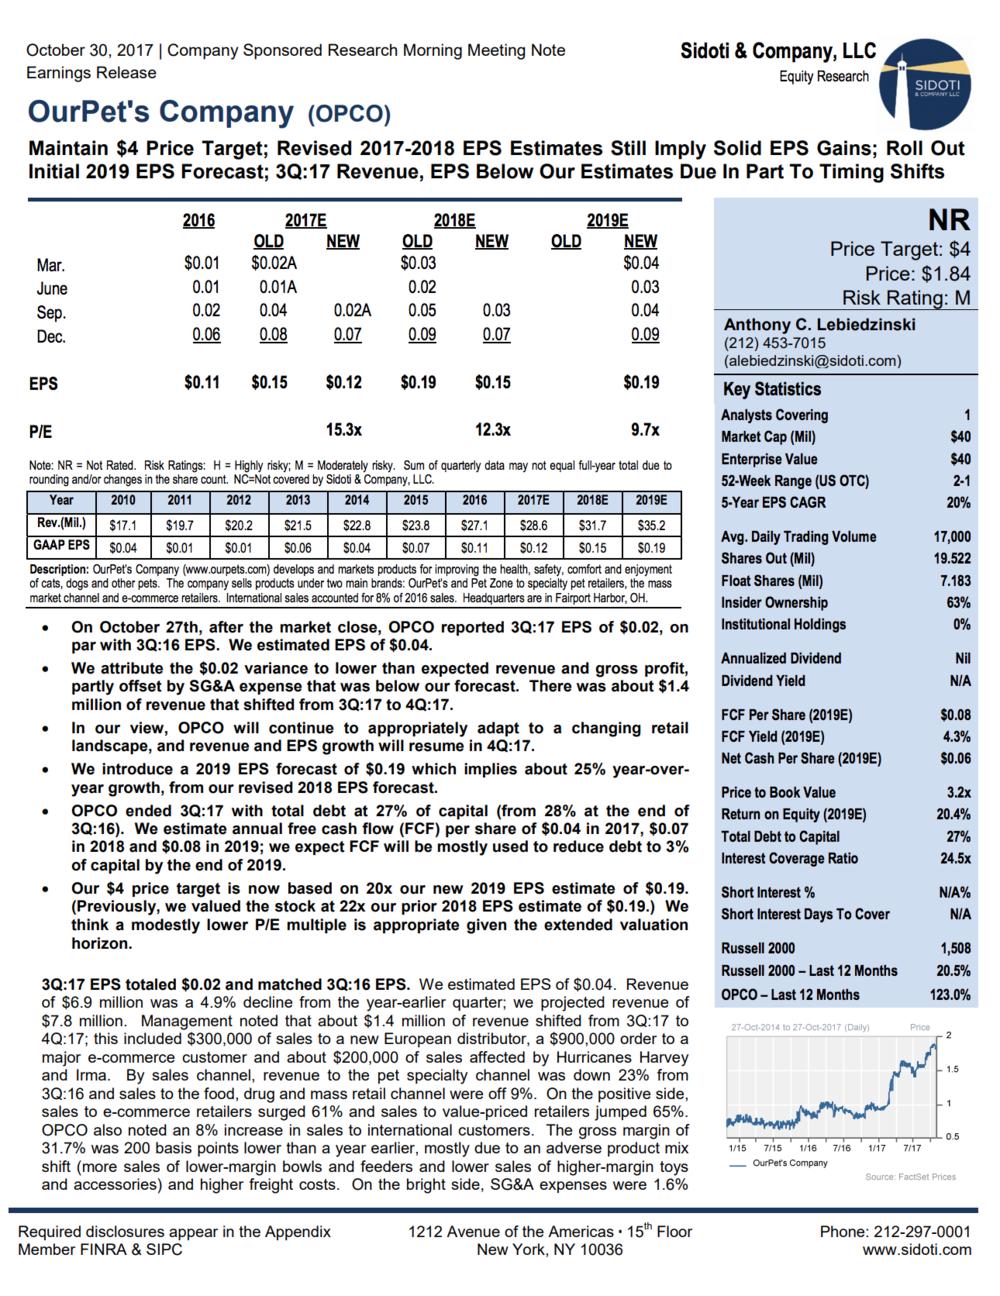 Earnings Report: Oct. 30, 2017